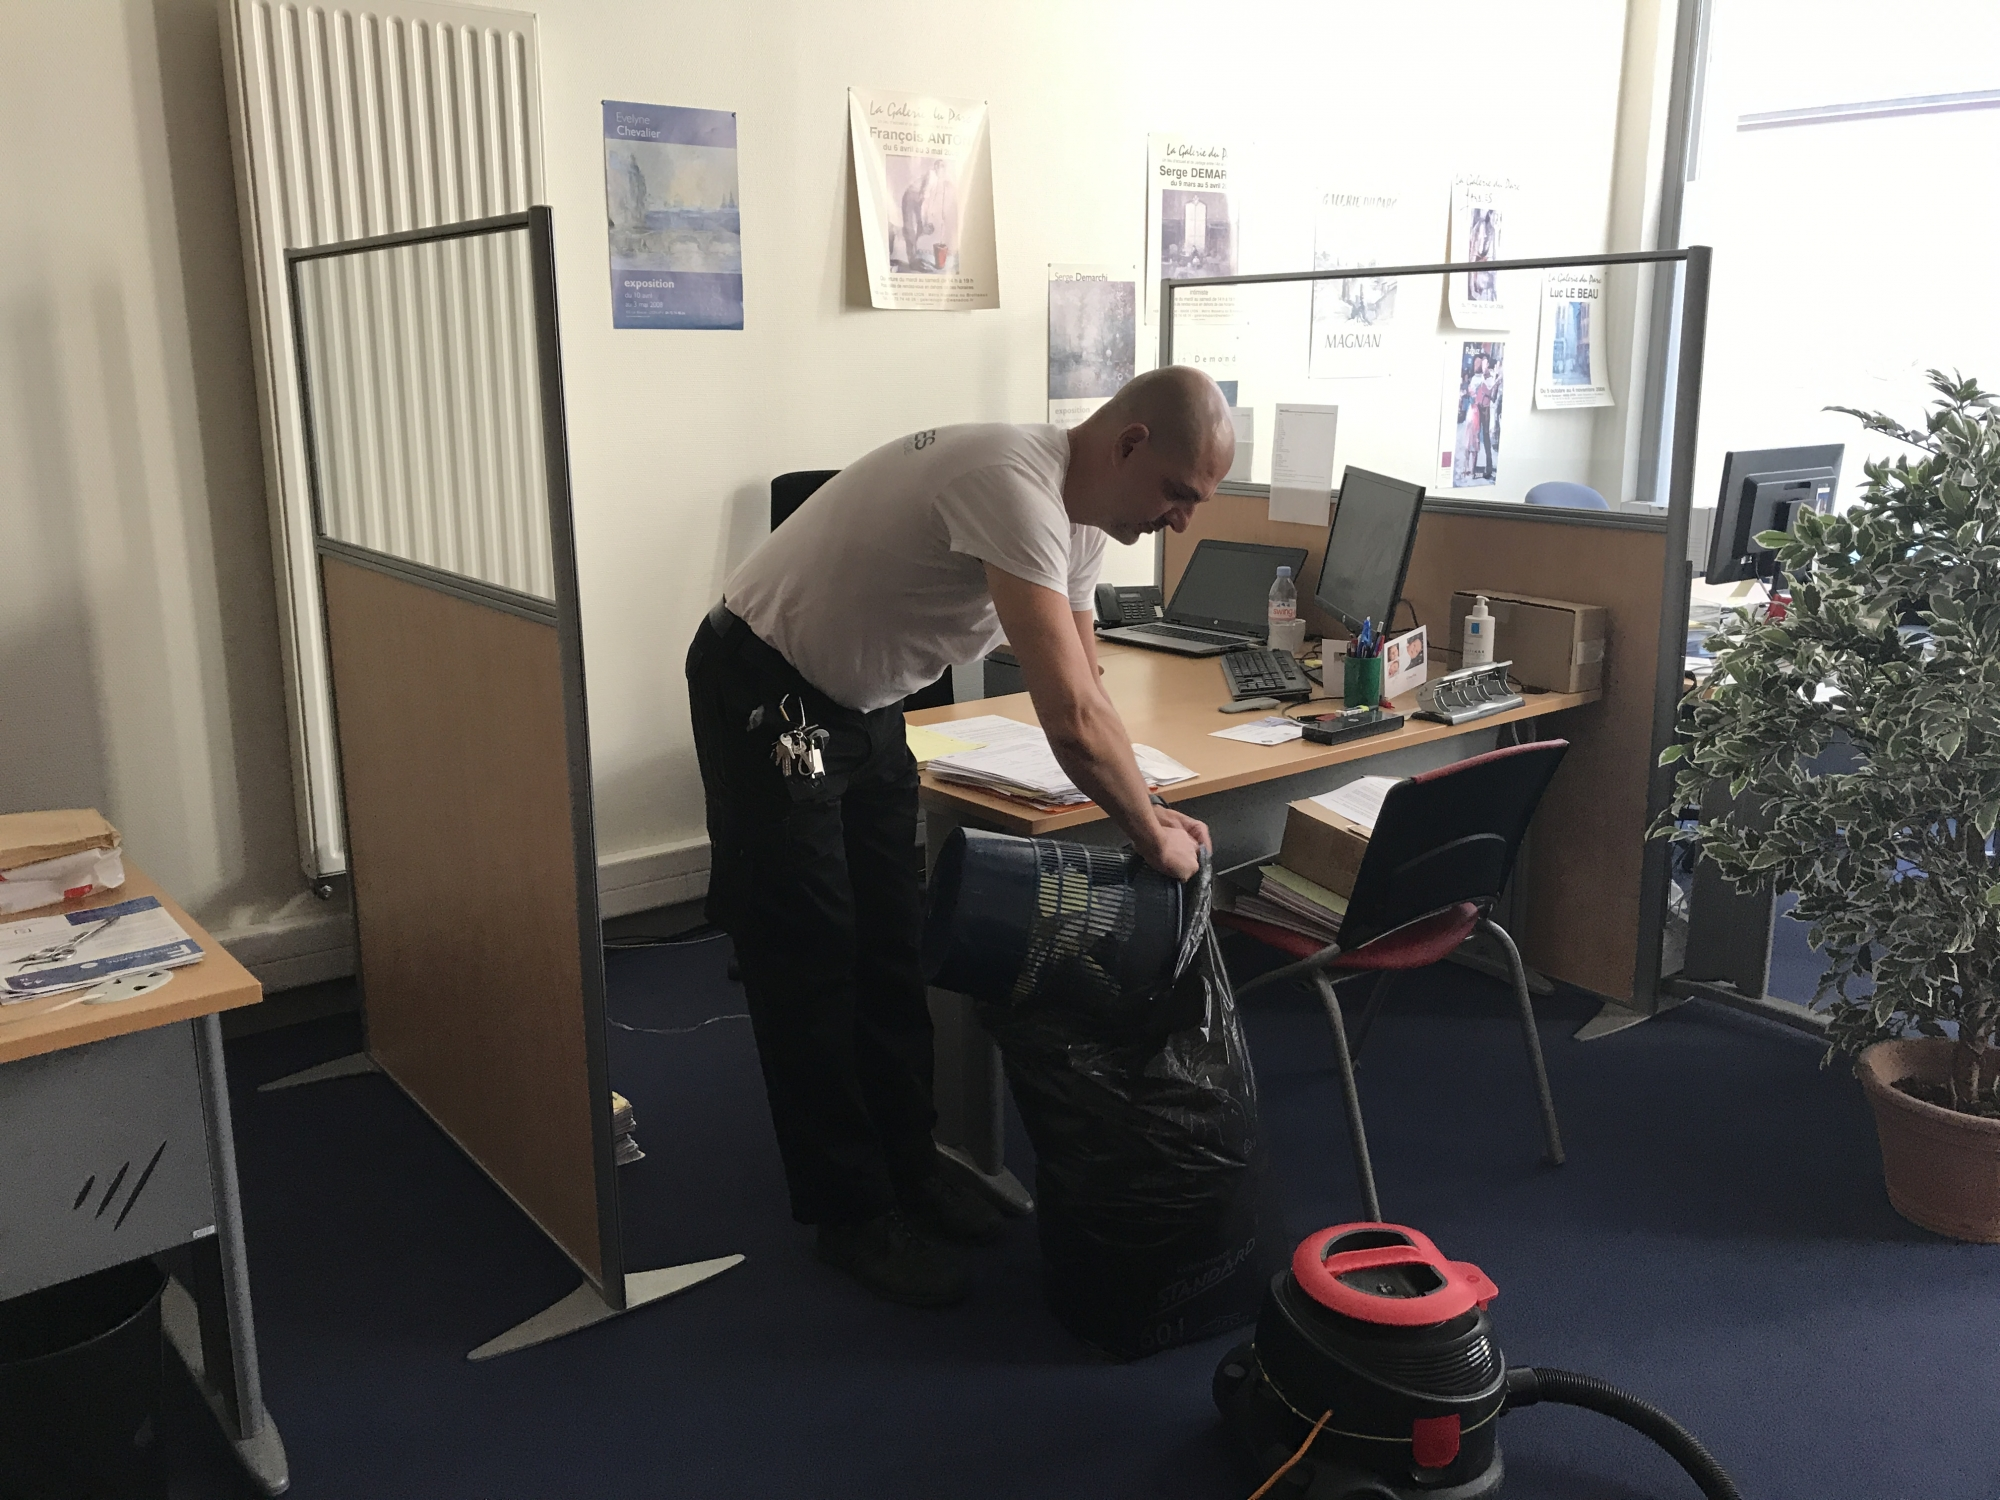 Société de nettoyage pour vos bureaux dans la zone techlid en soirée